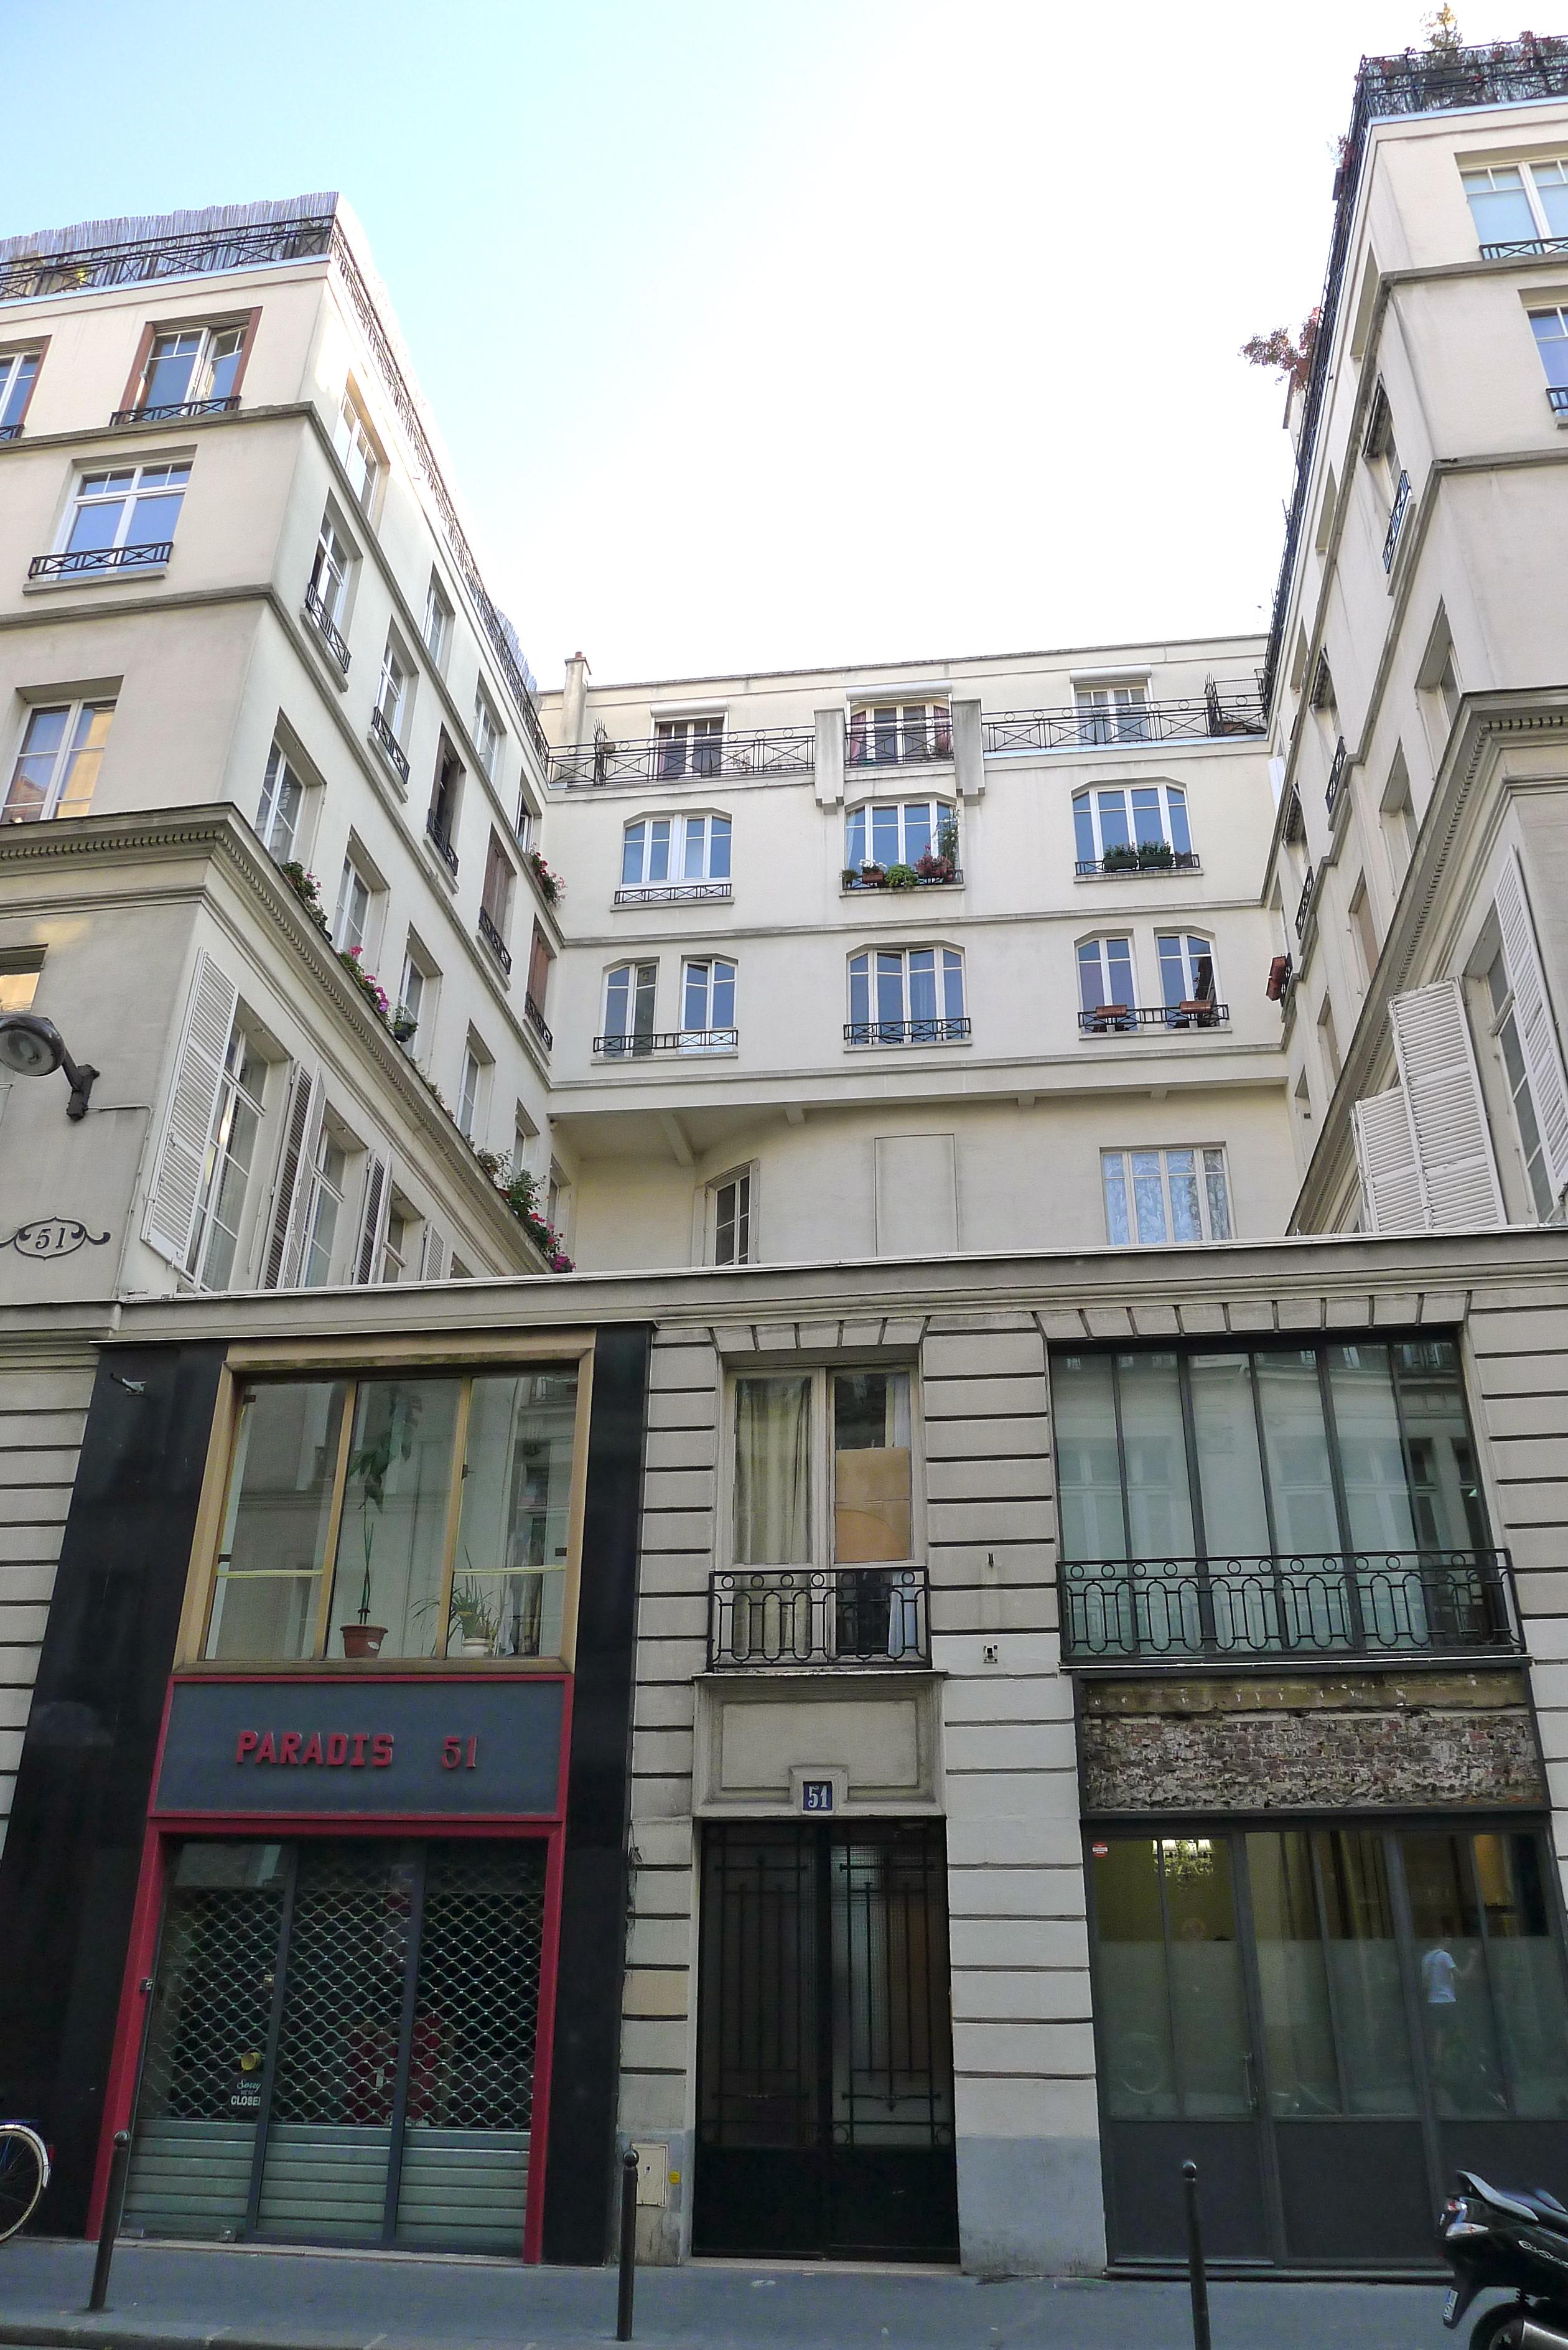 Hotel Paradis Paris Tripadvisor